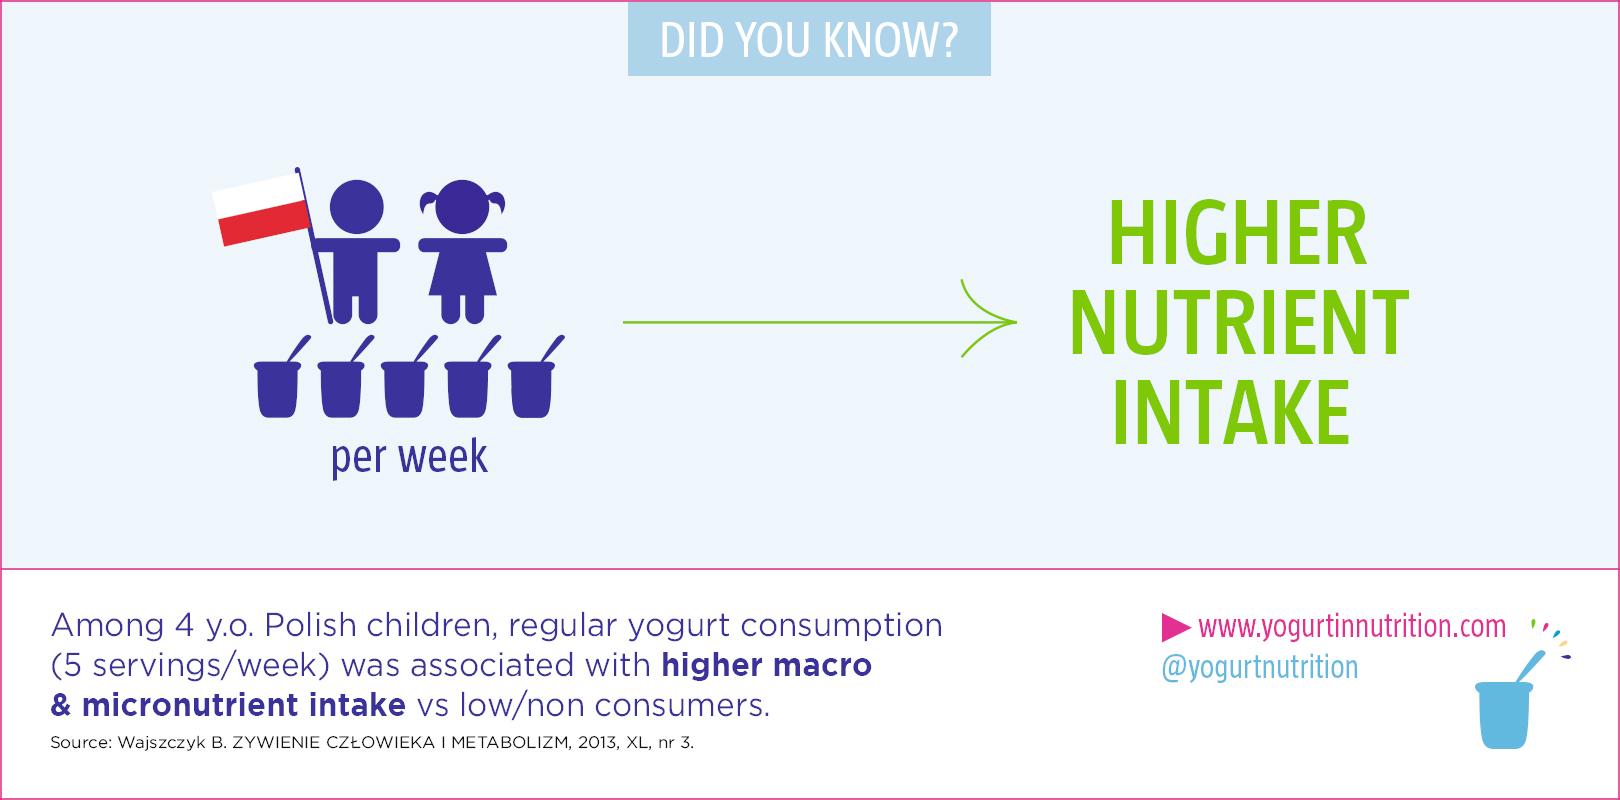 Higher nutrient intake in children wih yogurt consumption